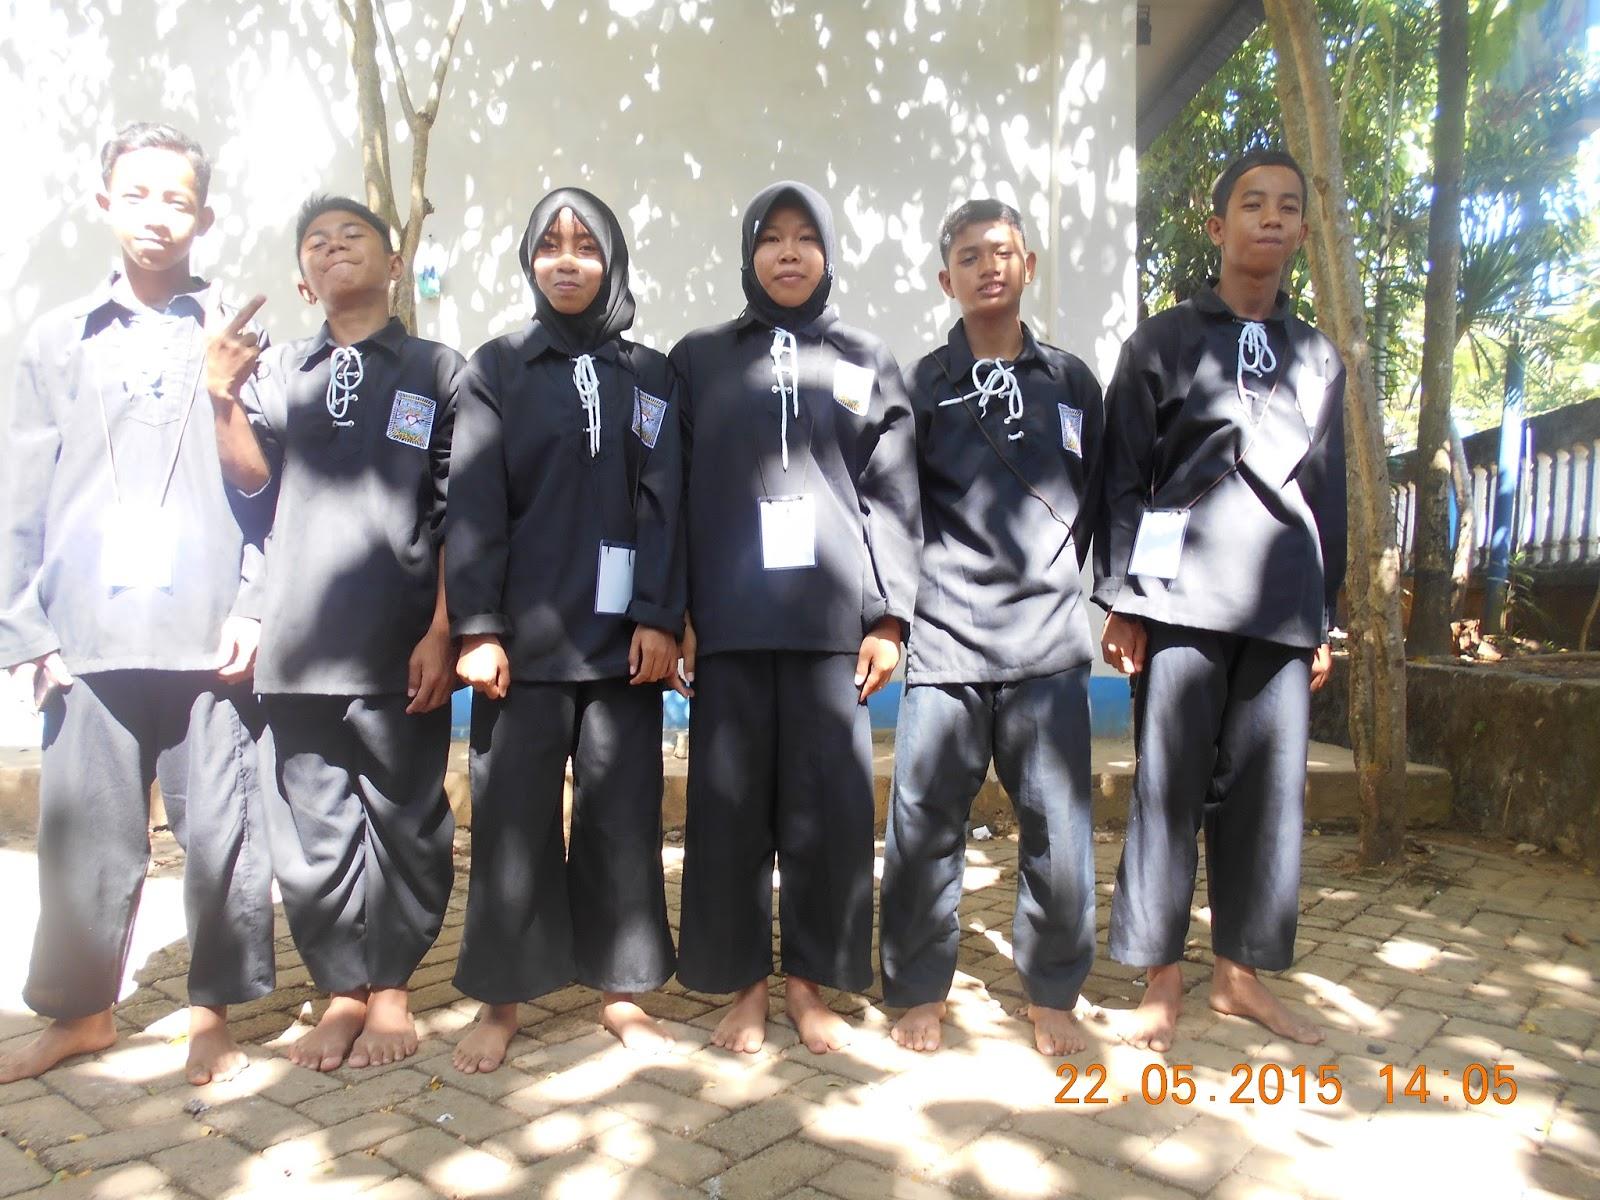 Pencak Silat Persaudaraan Setia Hati Terate Sulawesi Selatan Bendera Panji Psht Kabupaten Maros